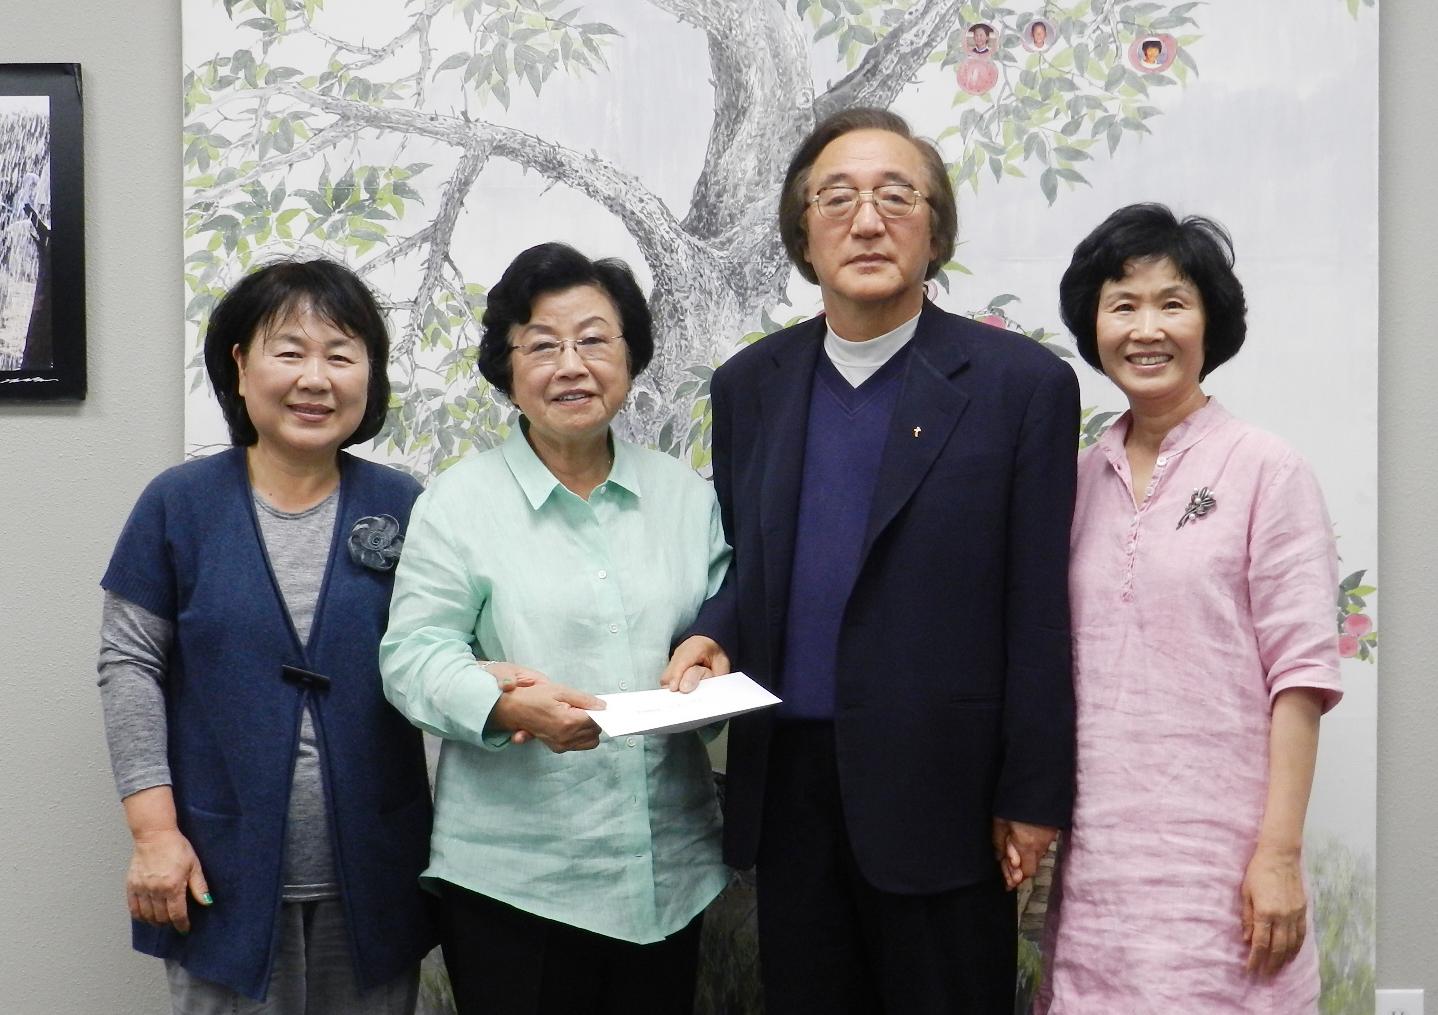 [방문] 김재동, 김수현 선생님 방문 및 평생회원 등록